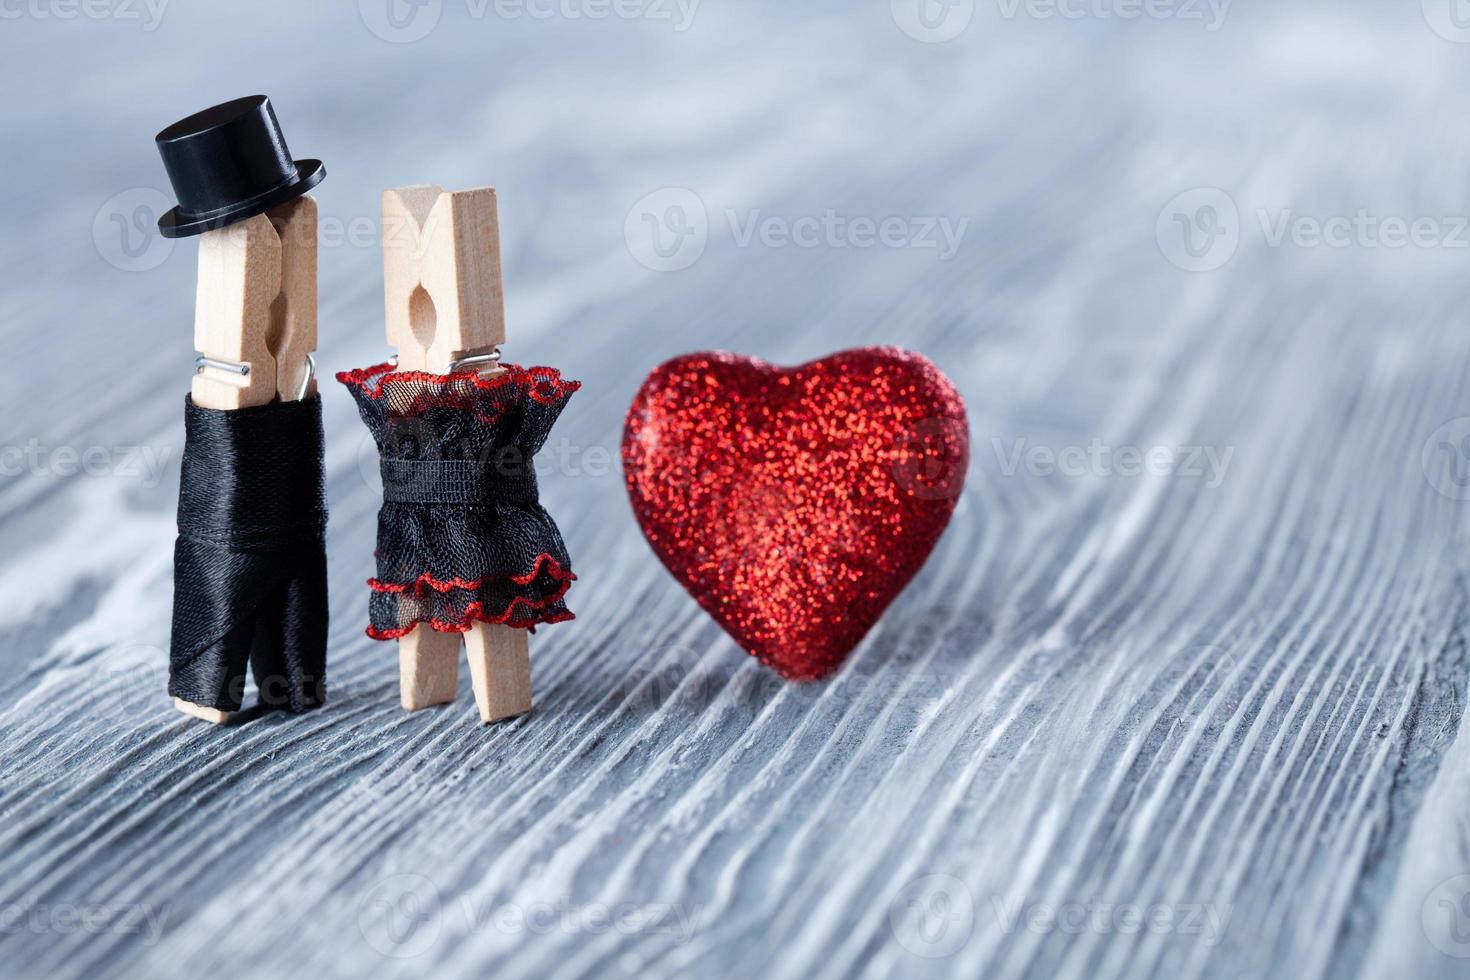 romantisches Paar. Hochzeitseinladung. Mann, Frau und Herz lesen. foto